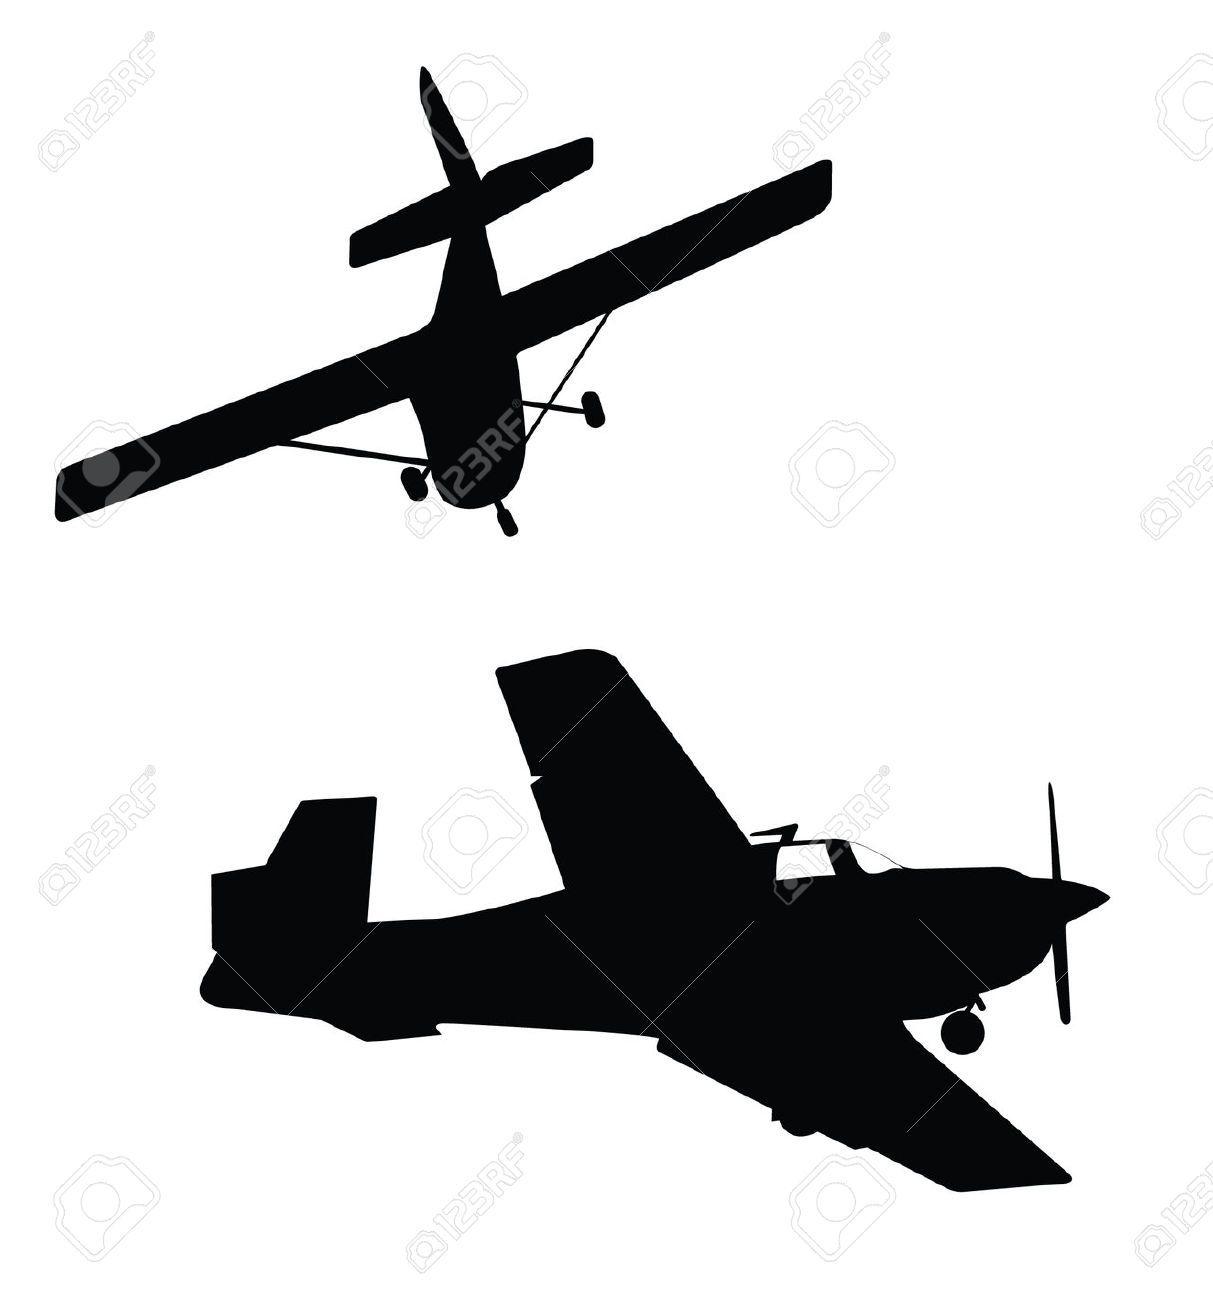 small plane silhouette.